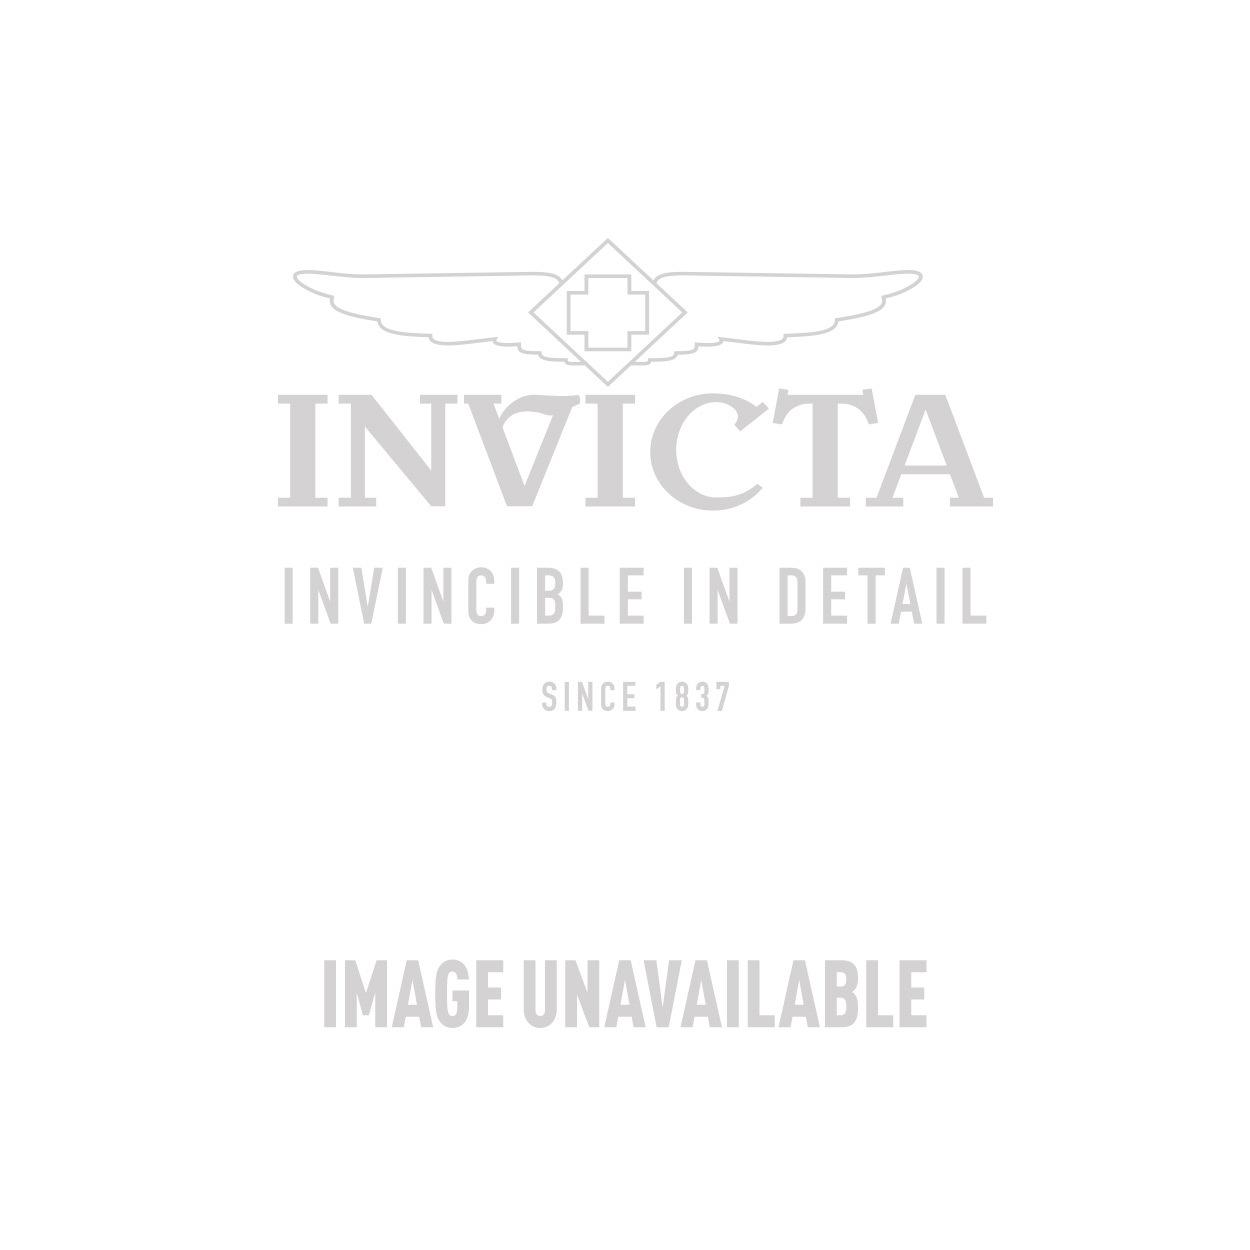 Invicta Model 25278